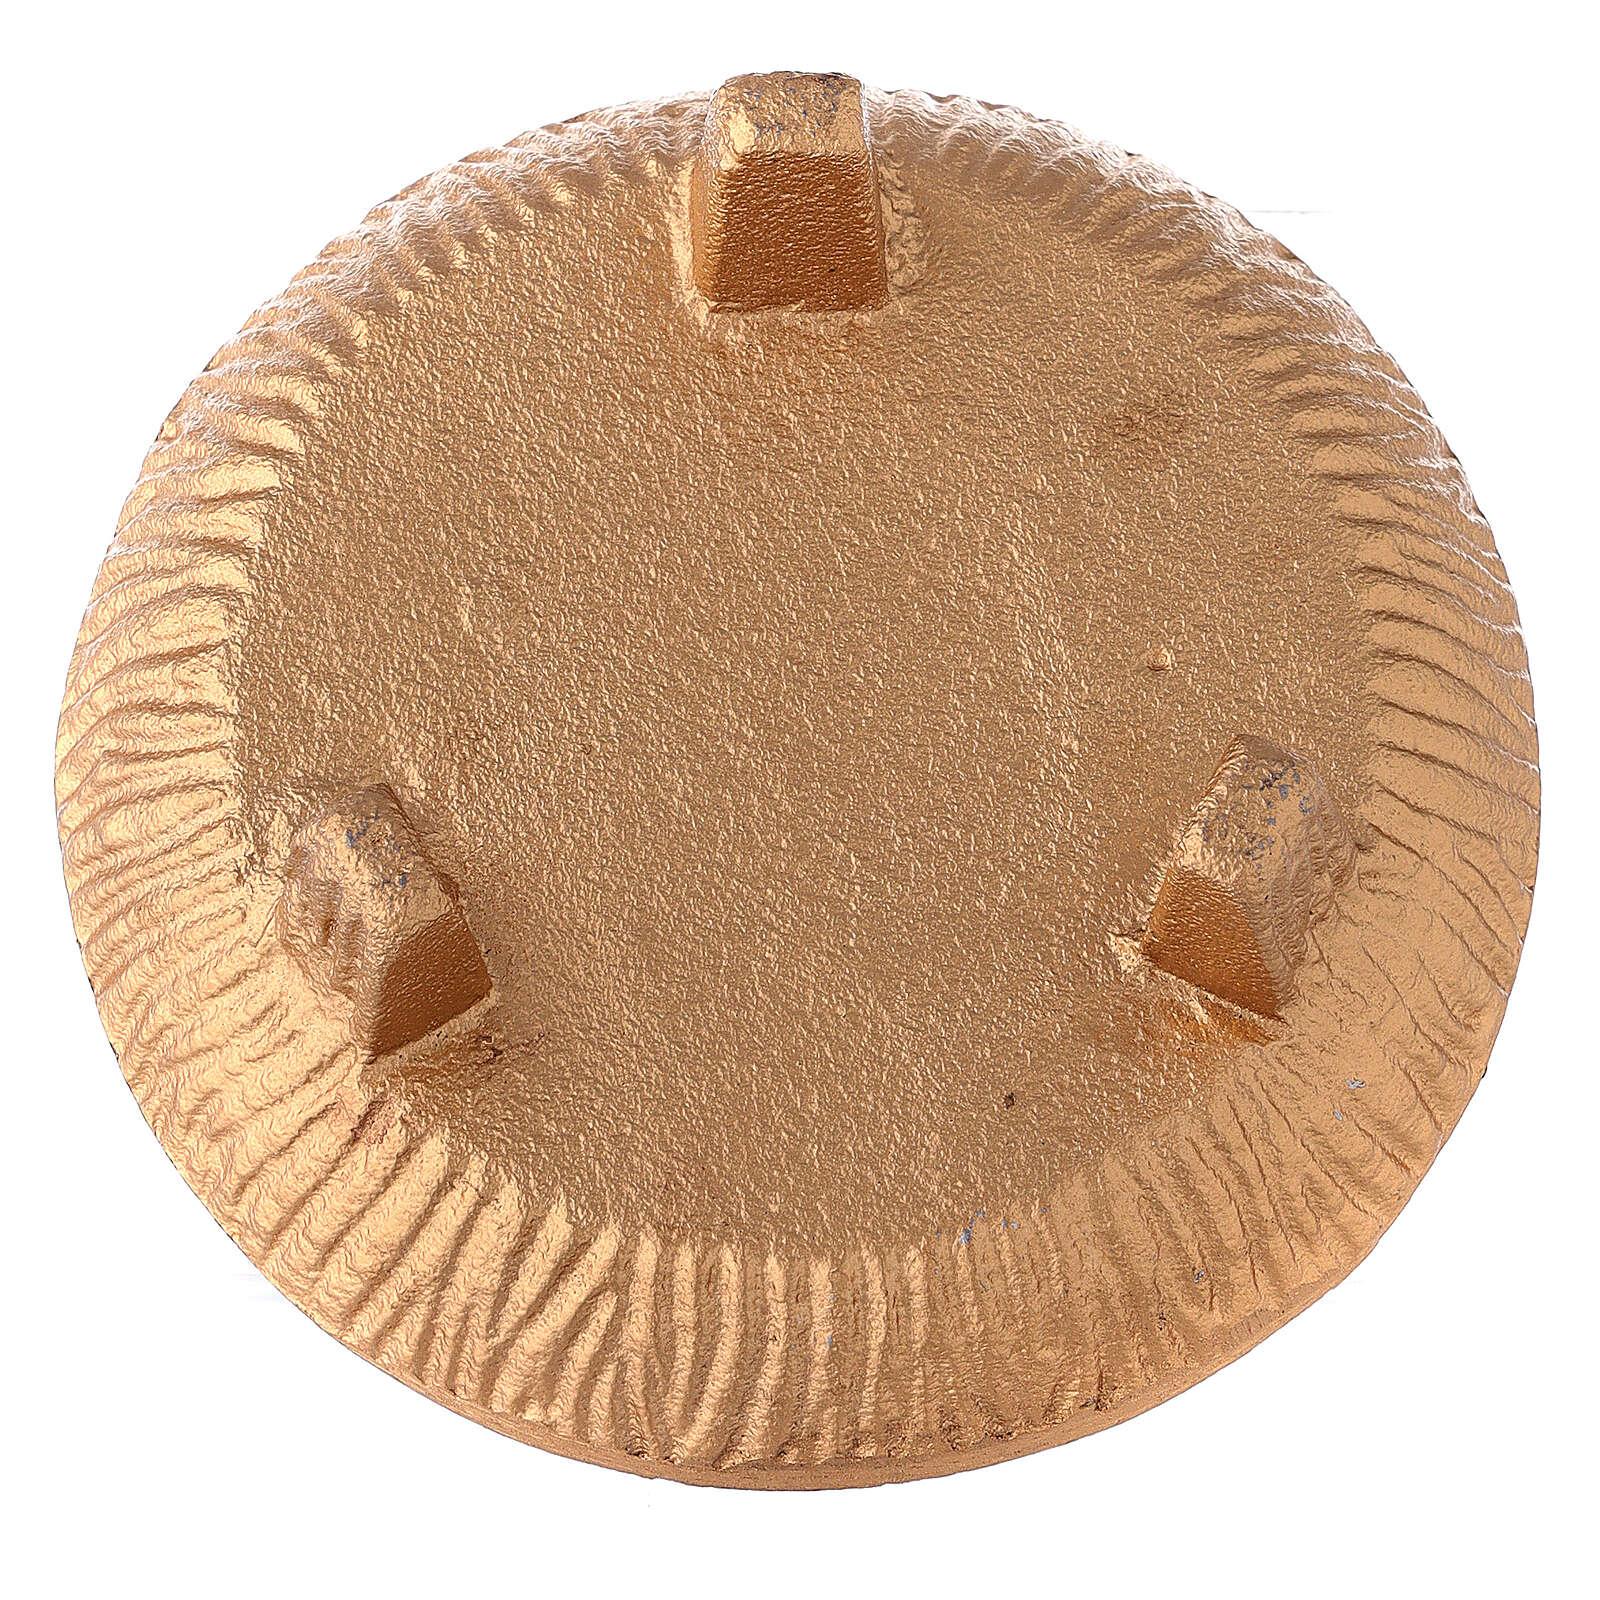 Copa para incienso 3 pies aluminio dorado bruñido 3